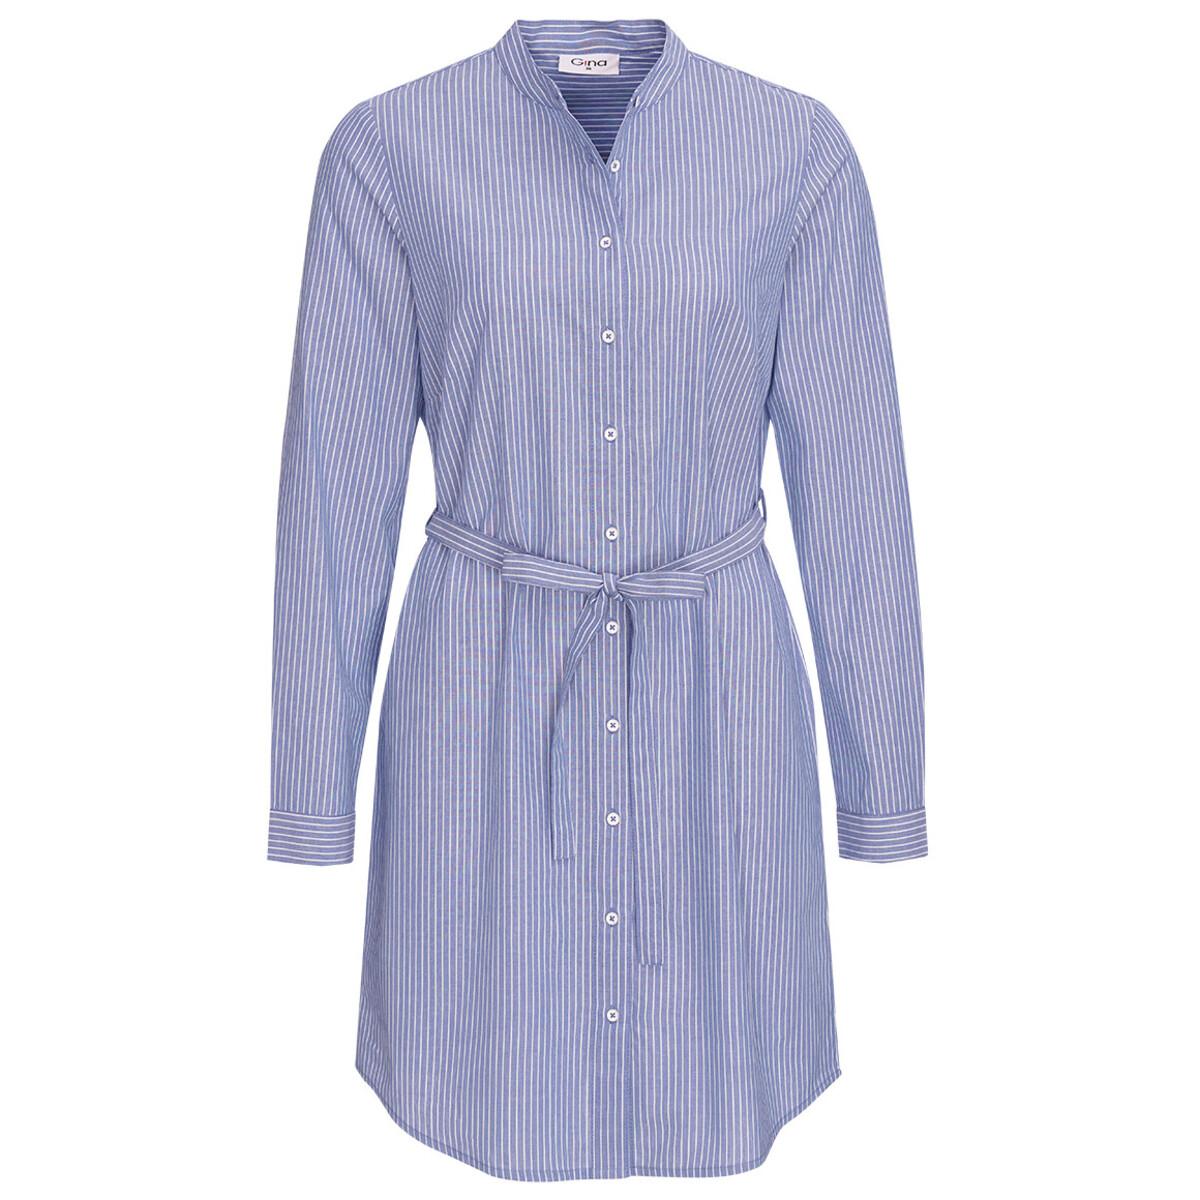 Bild 1 von Damen Hemdblusenkleid mit Längsstreifen